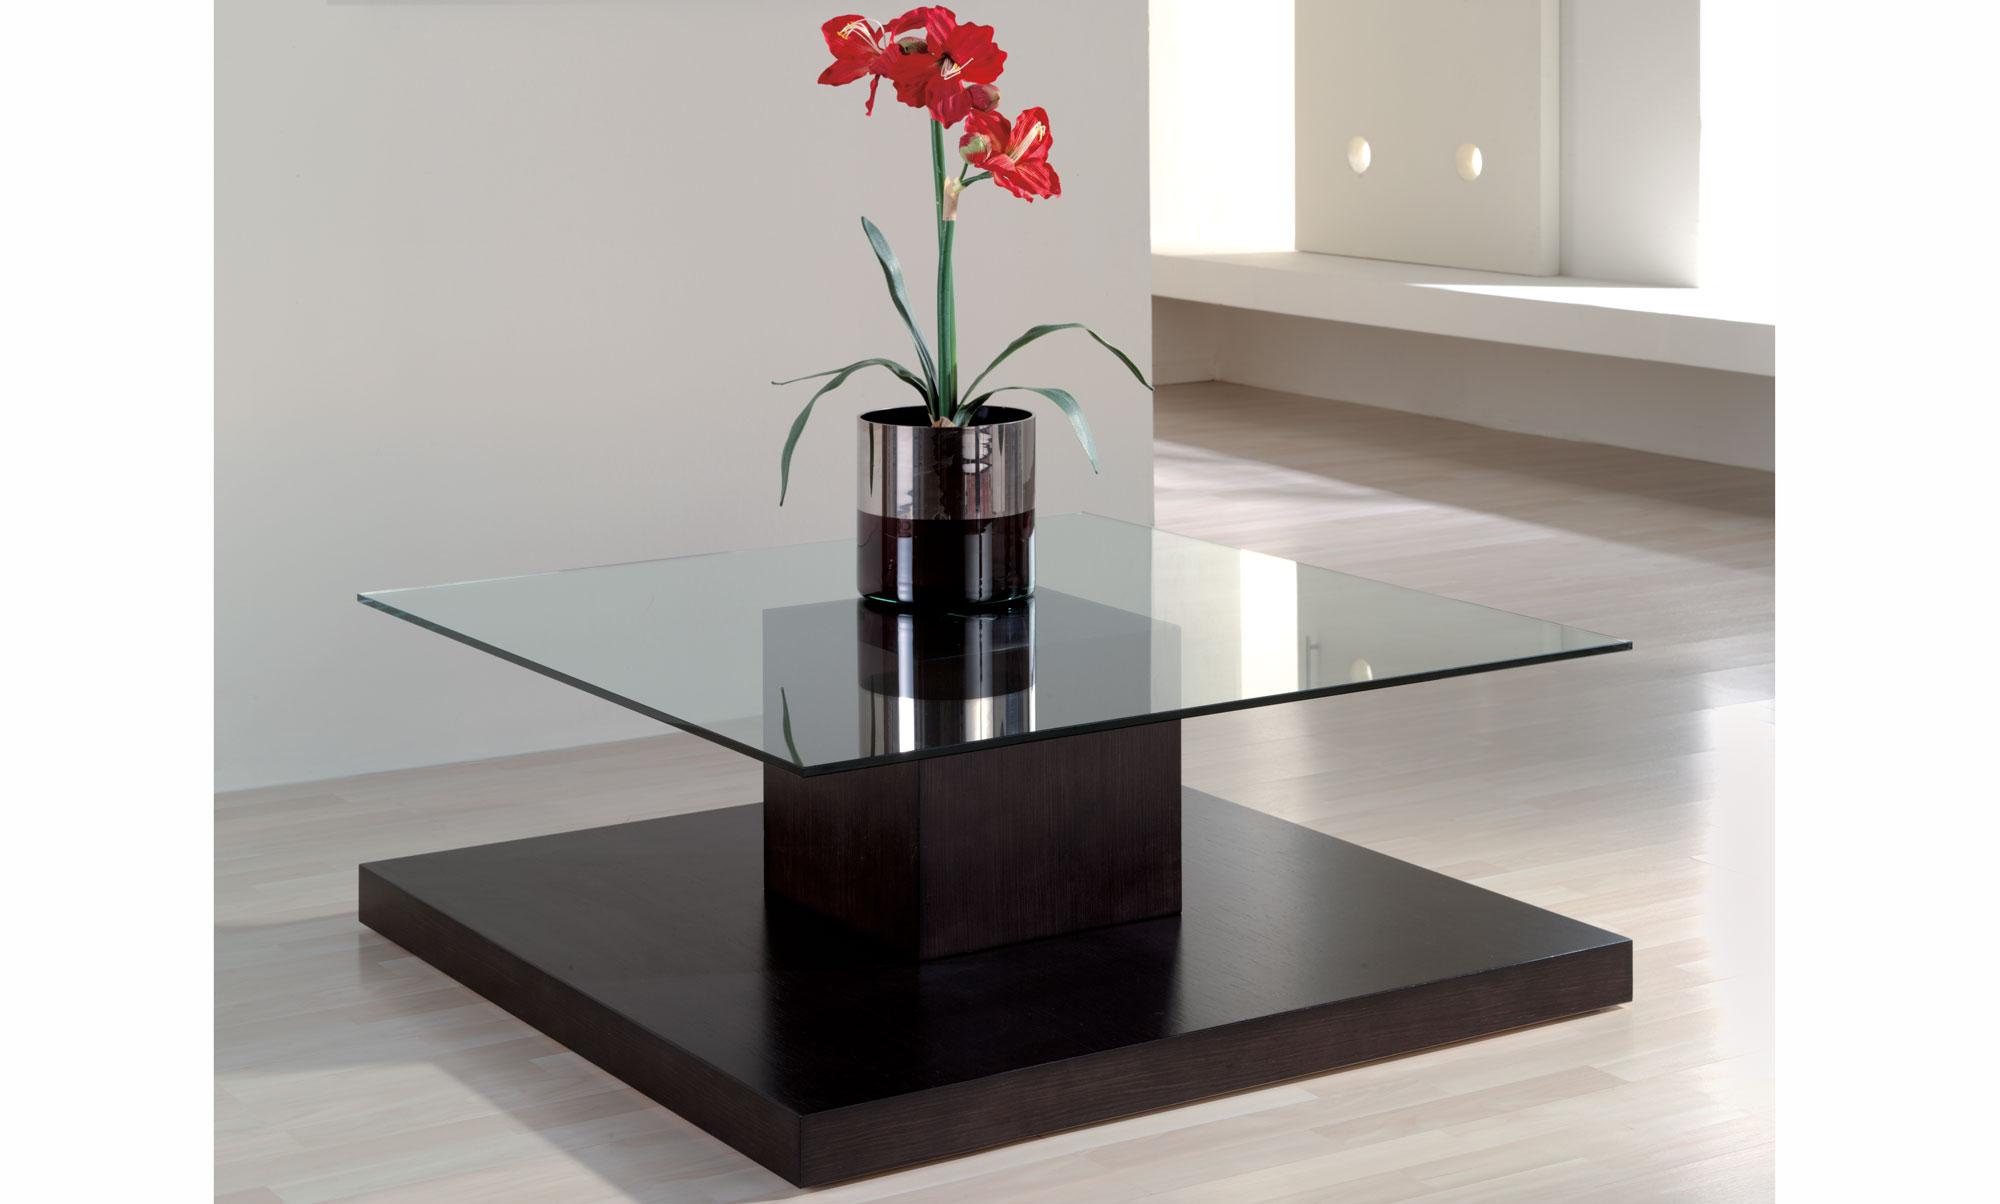 Mesa de centro moderna olivia en portobellostreet mesa de centro moderna olivia altavistaventures Choice Image